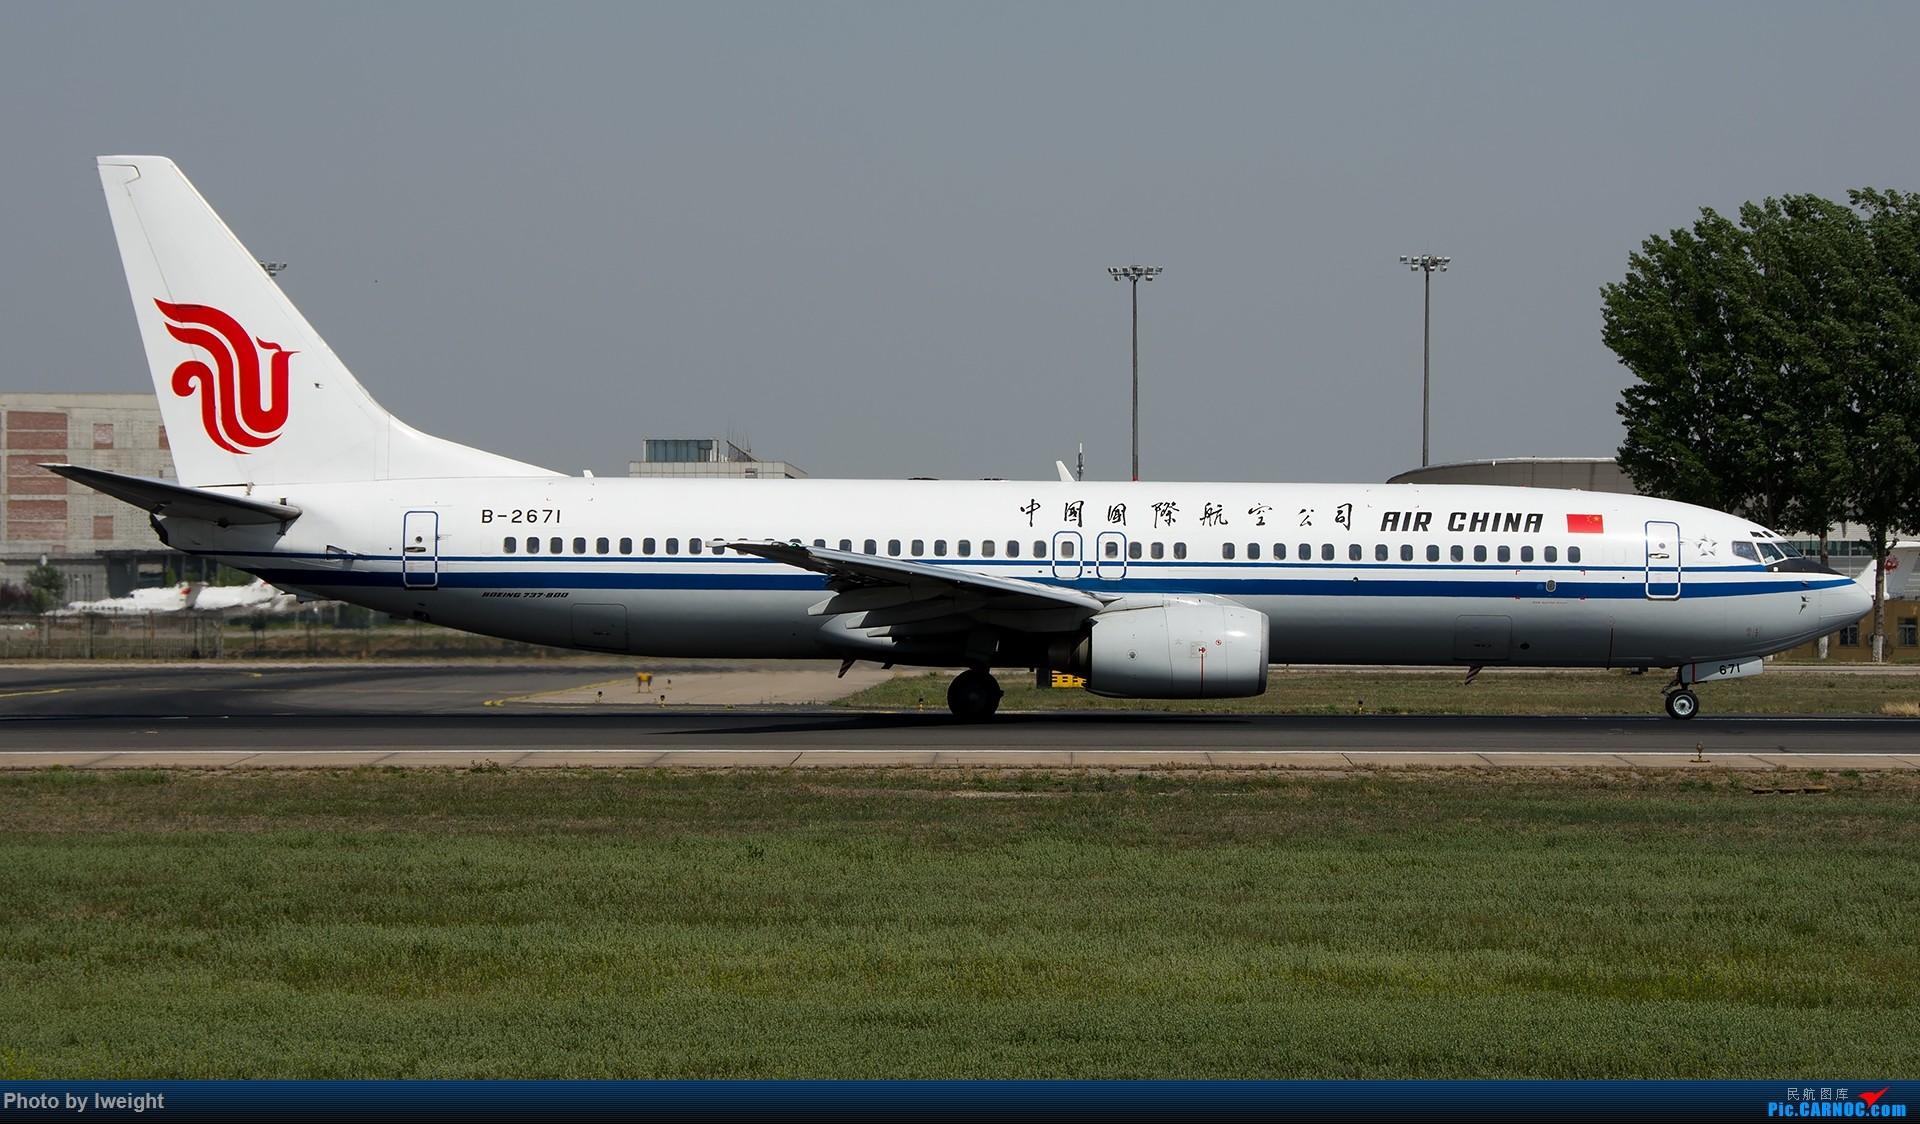 Re:[原创]天气晴朗,继续守候18R【多图】 BOEING 737-800 B-2671 中国北京首都国际机场